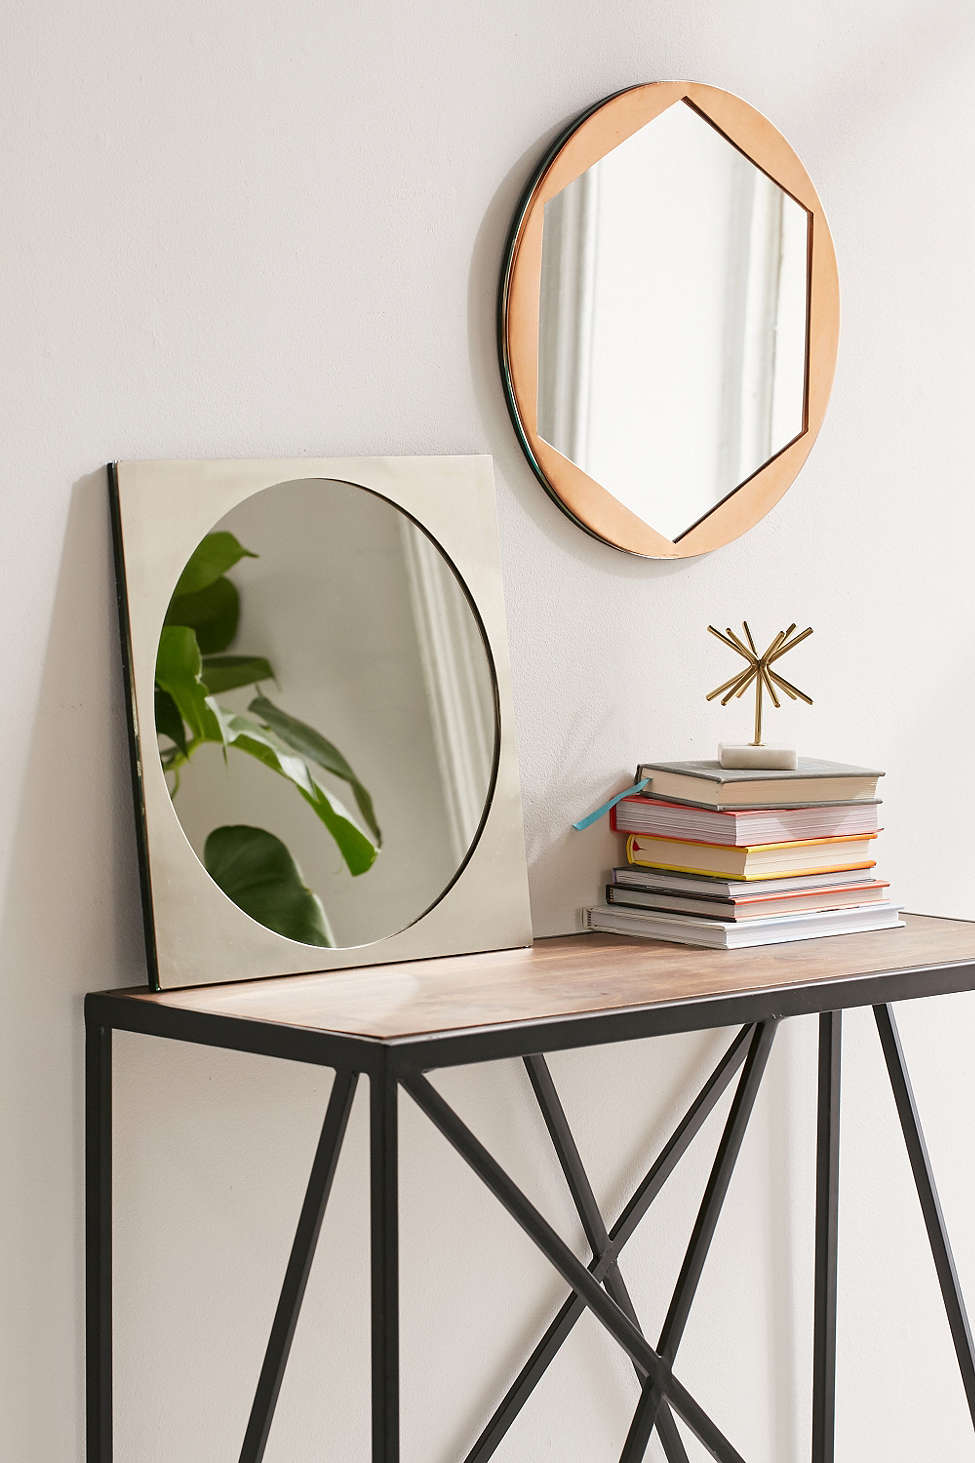 Miroirs g om triques ils sont plus tendances que jamais for Miroir geometrique